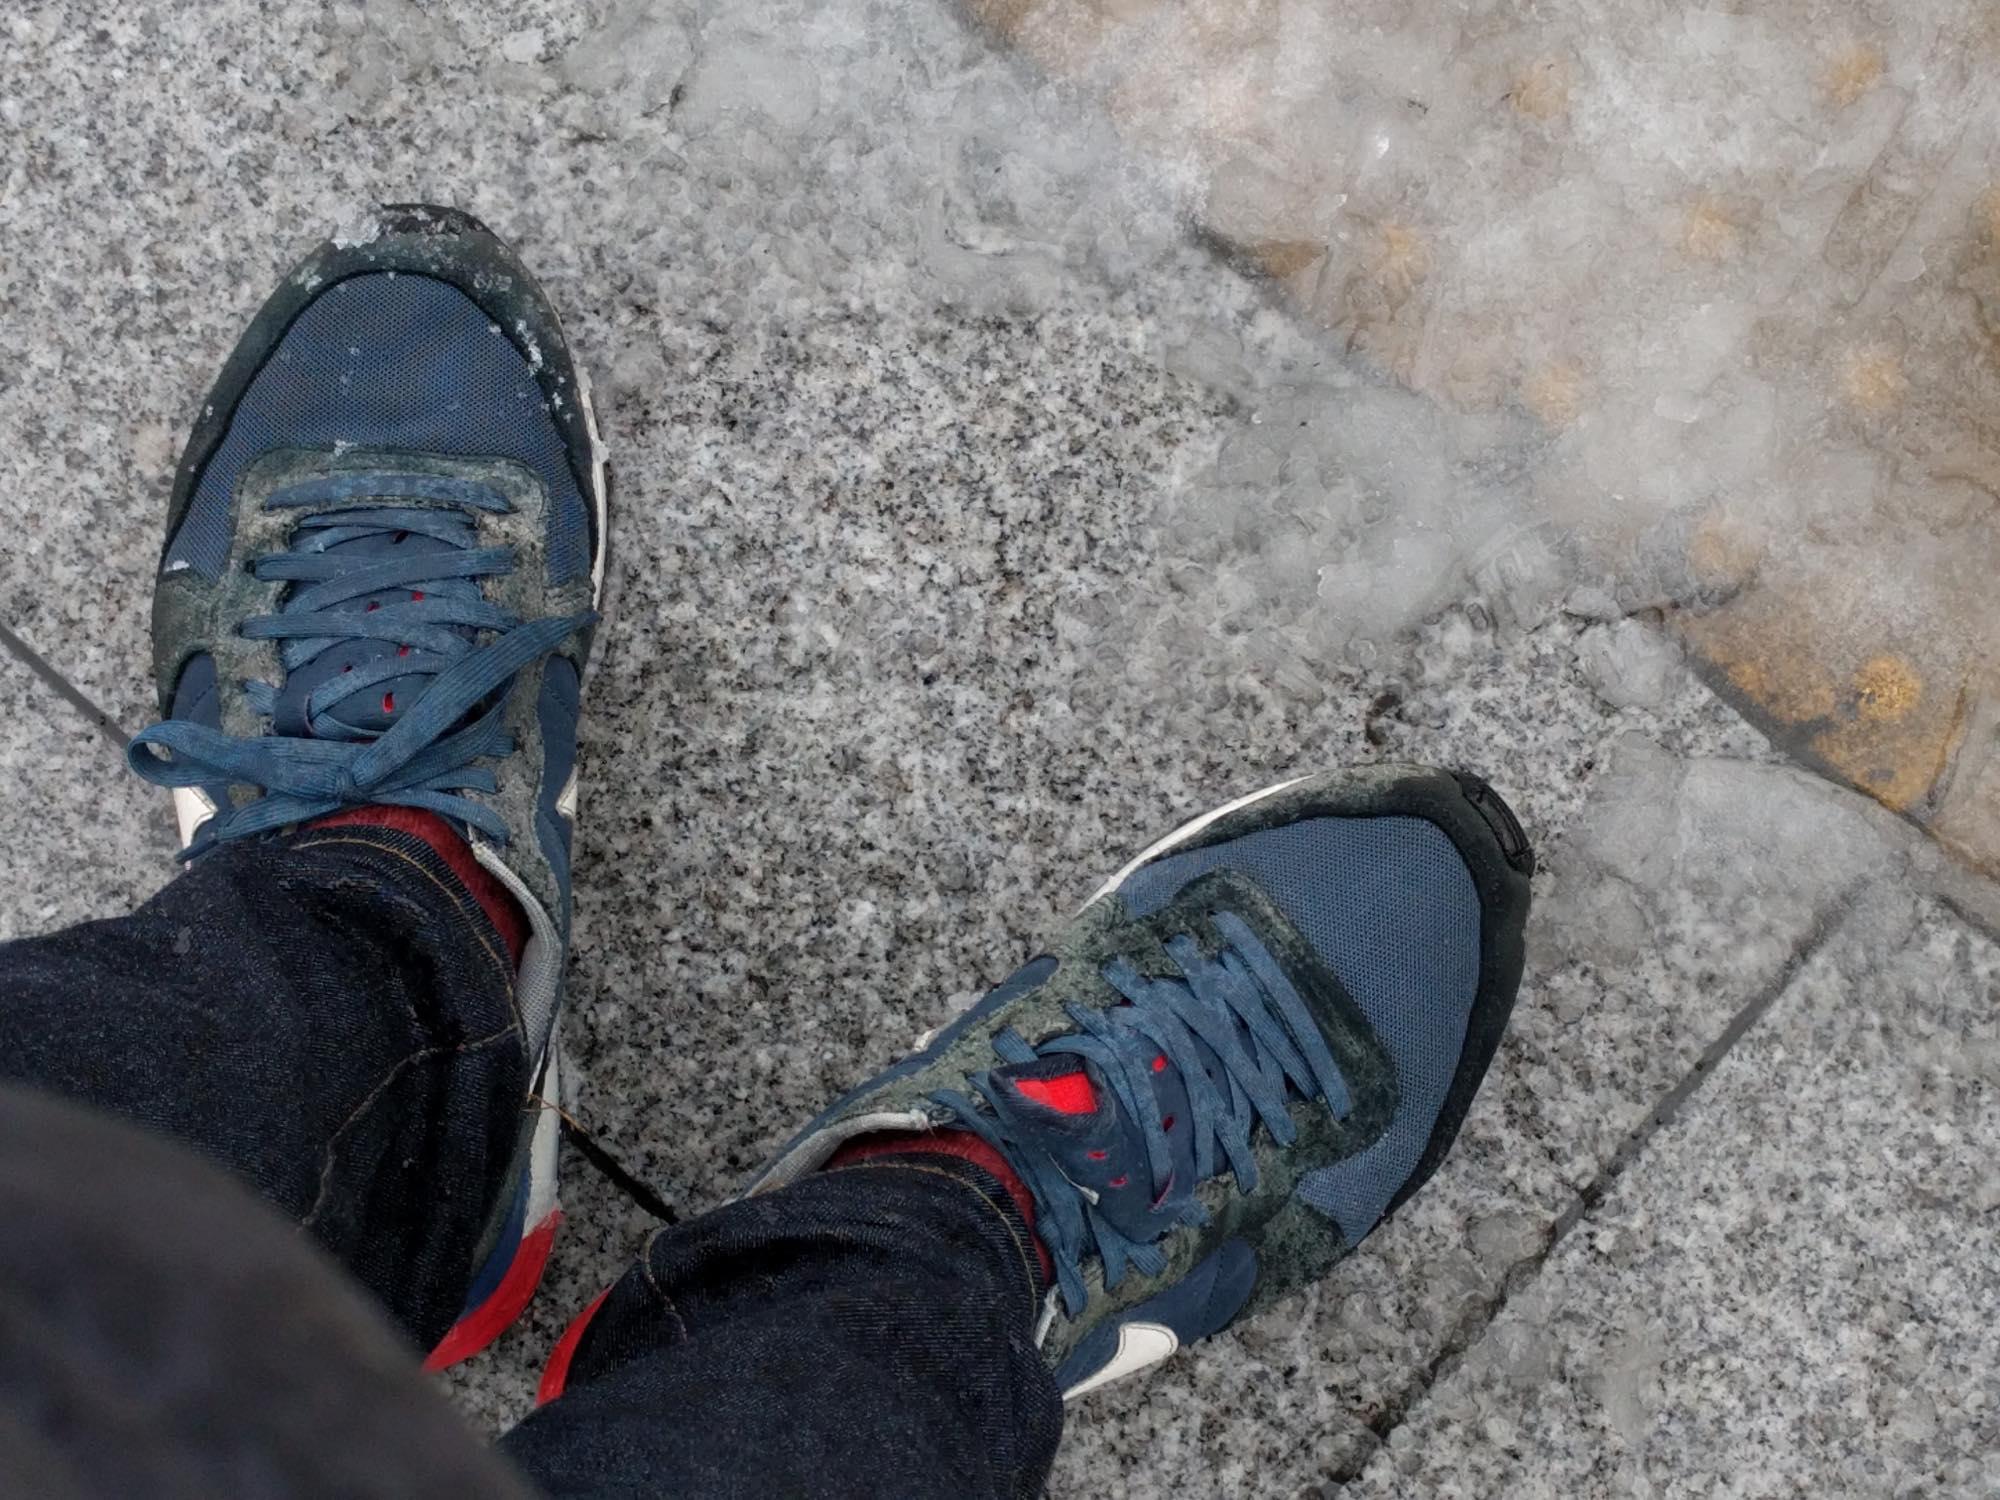 footwear-snowing3